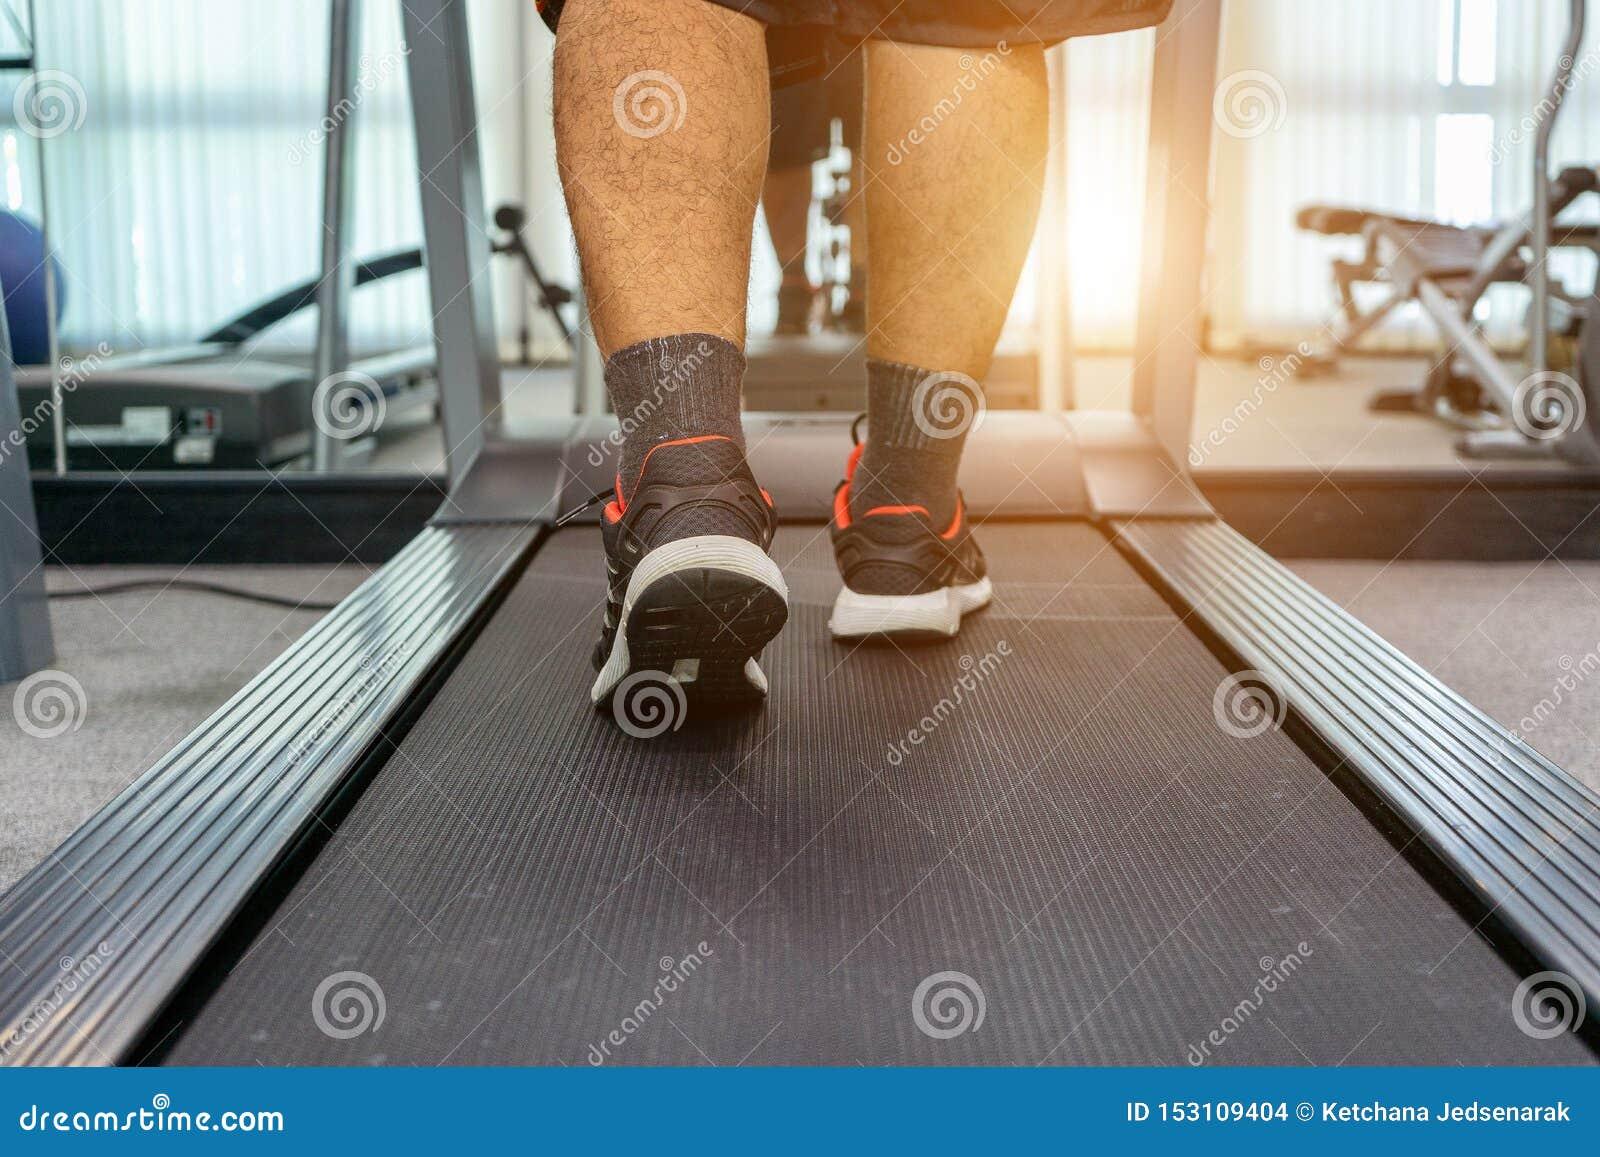 Män övar, genom att köra på en trampkvarn, når de har arbetat i en inomhus konditionmitt för aktivitet som en sund kropp Begrepps